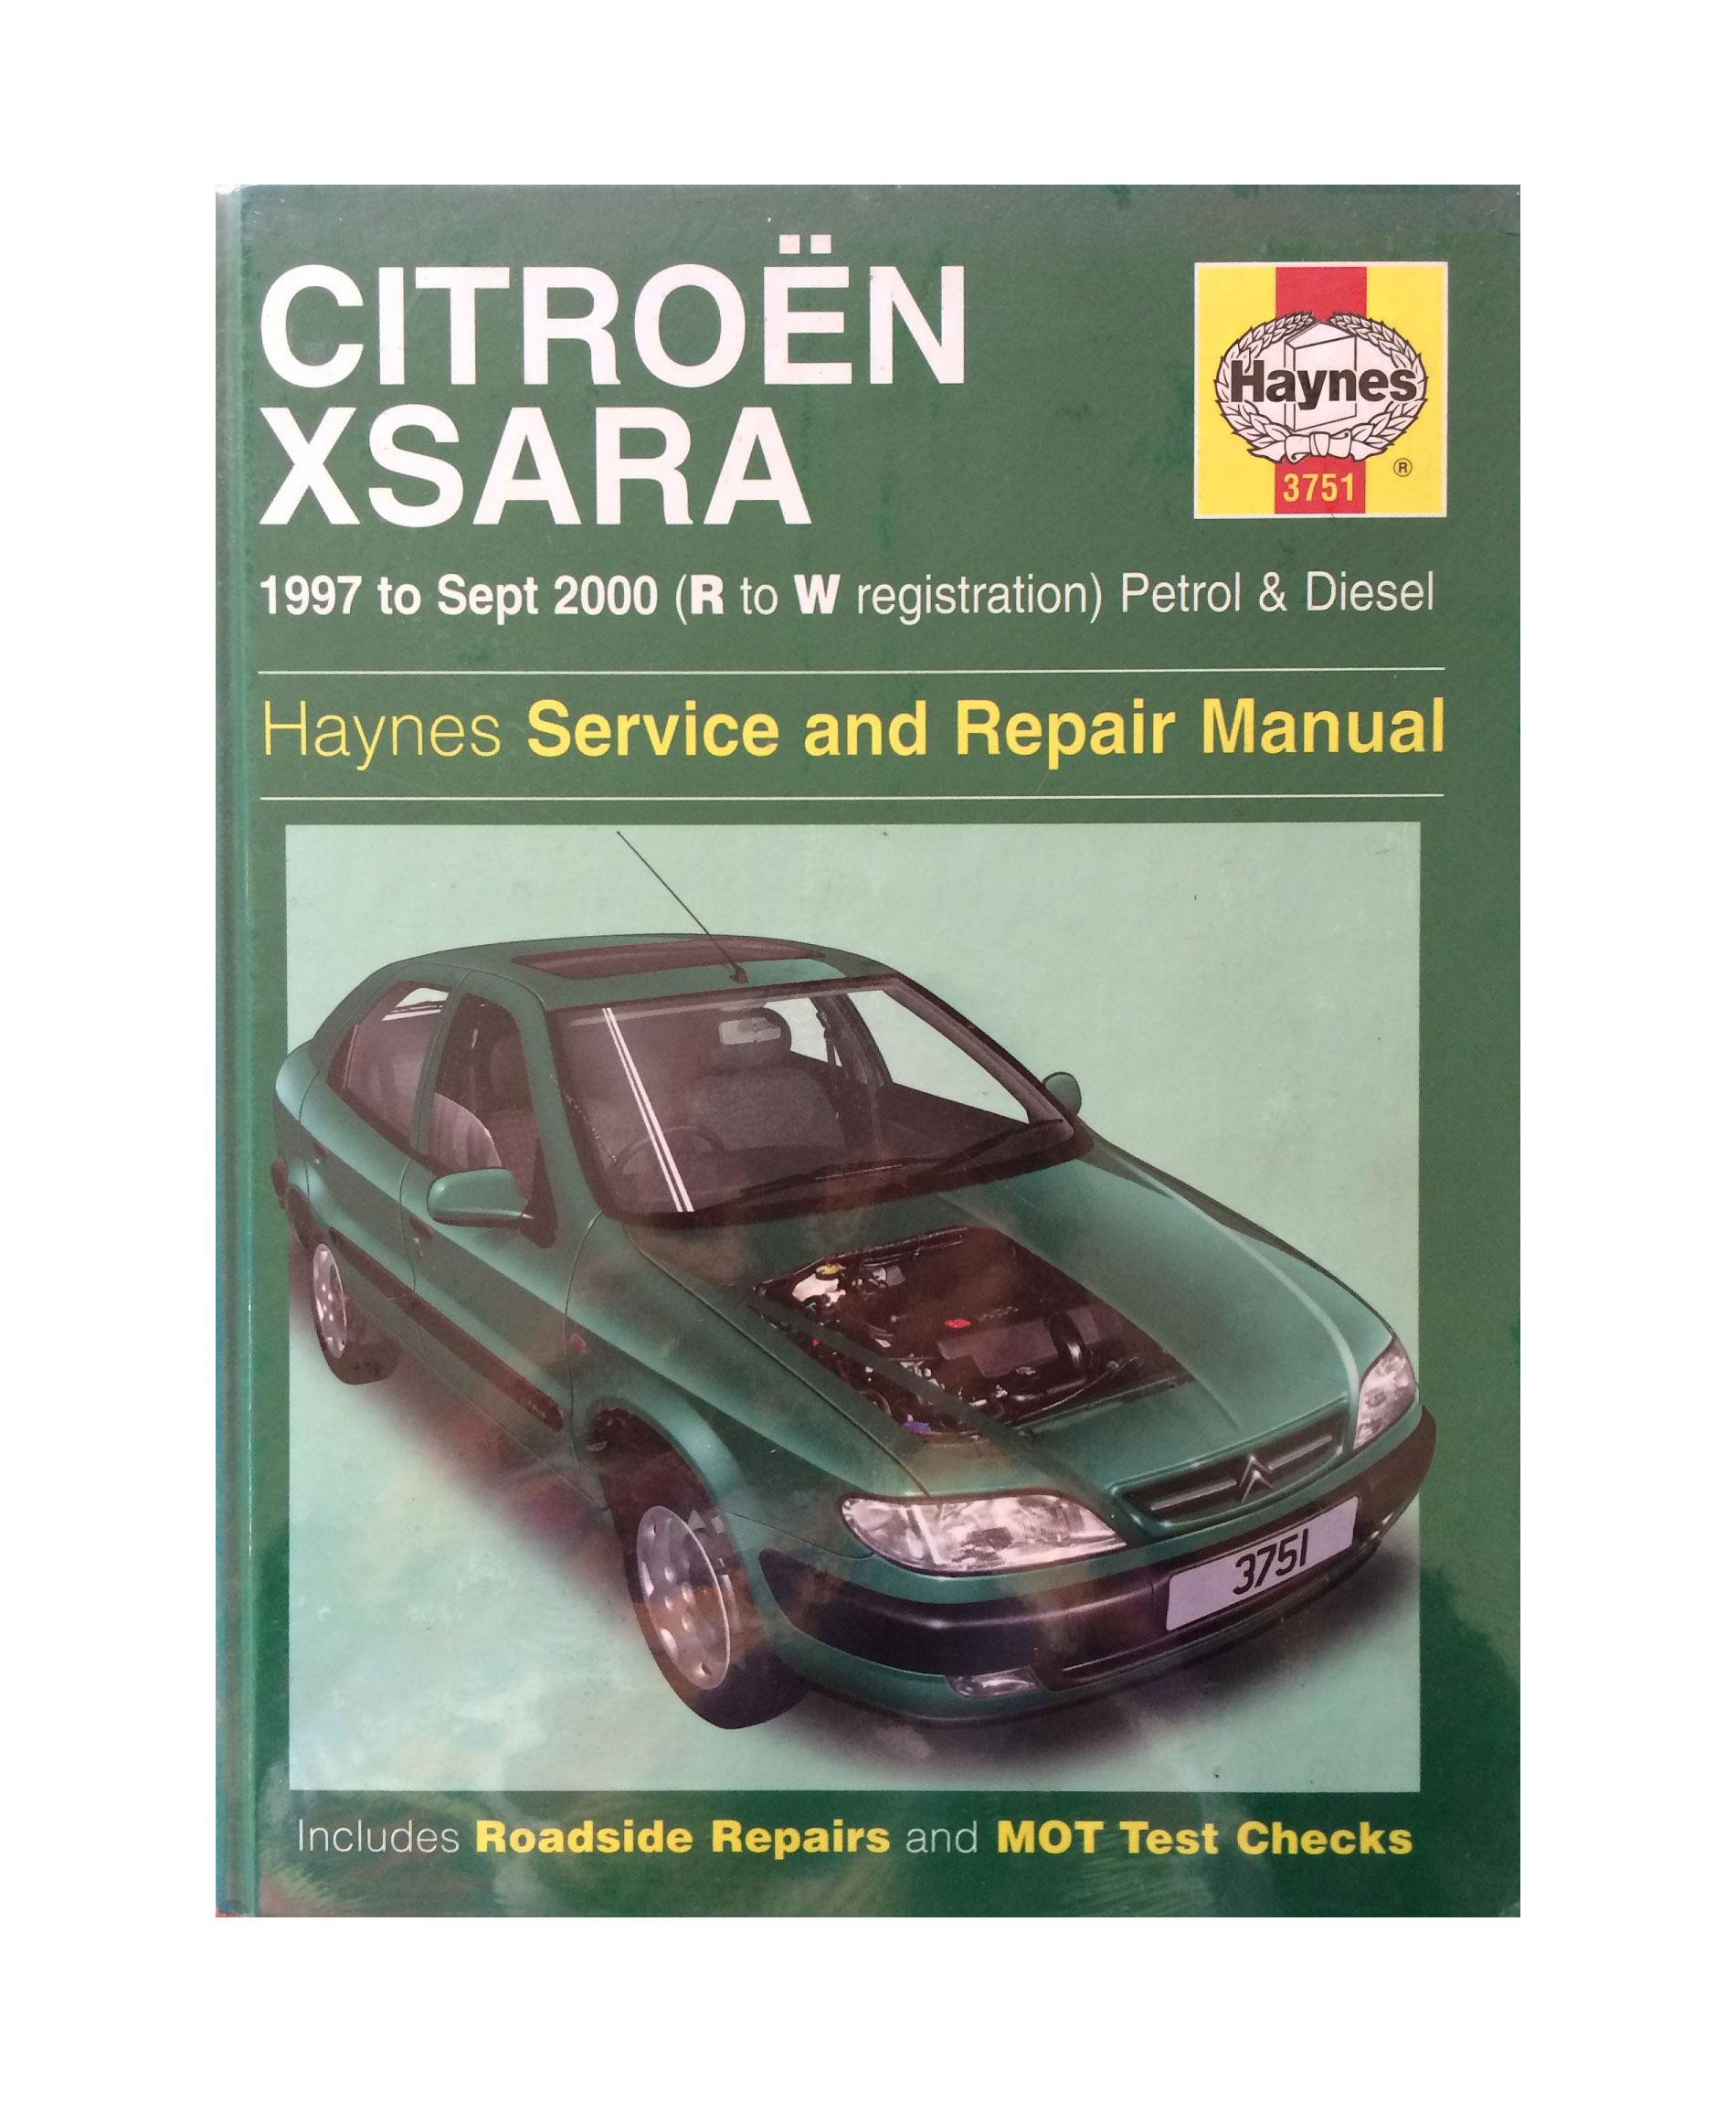 citroen xsara haynes service repair manual mollies classics rh molliesclassics com Citroen Xsara 1999 Citroen Xsara VTS